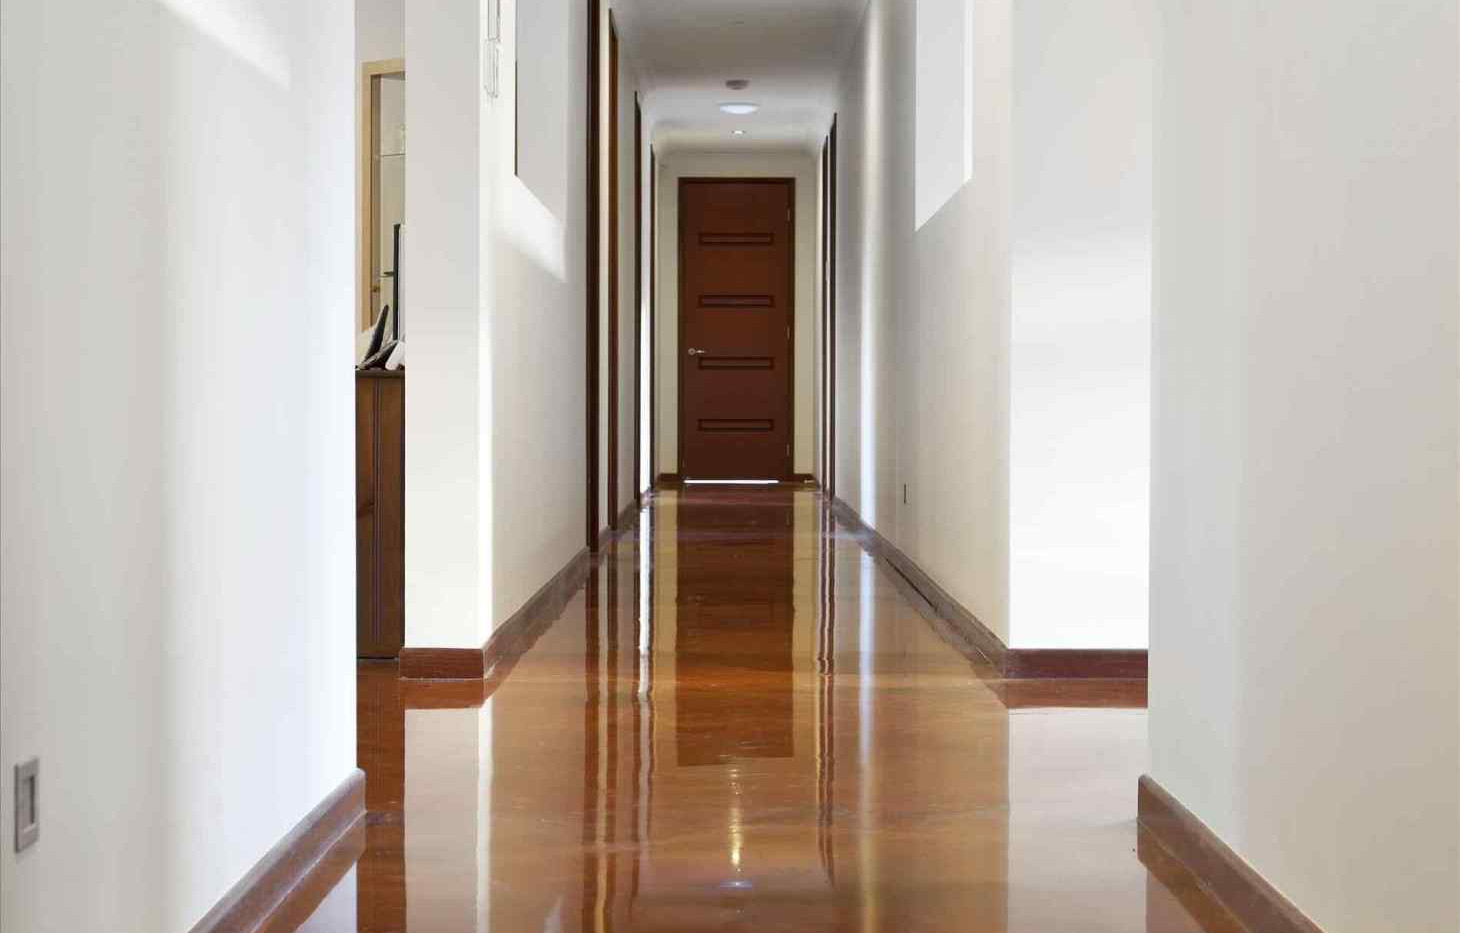 floors-polished-rhpinterestcom-flooring-